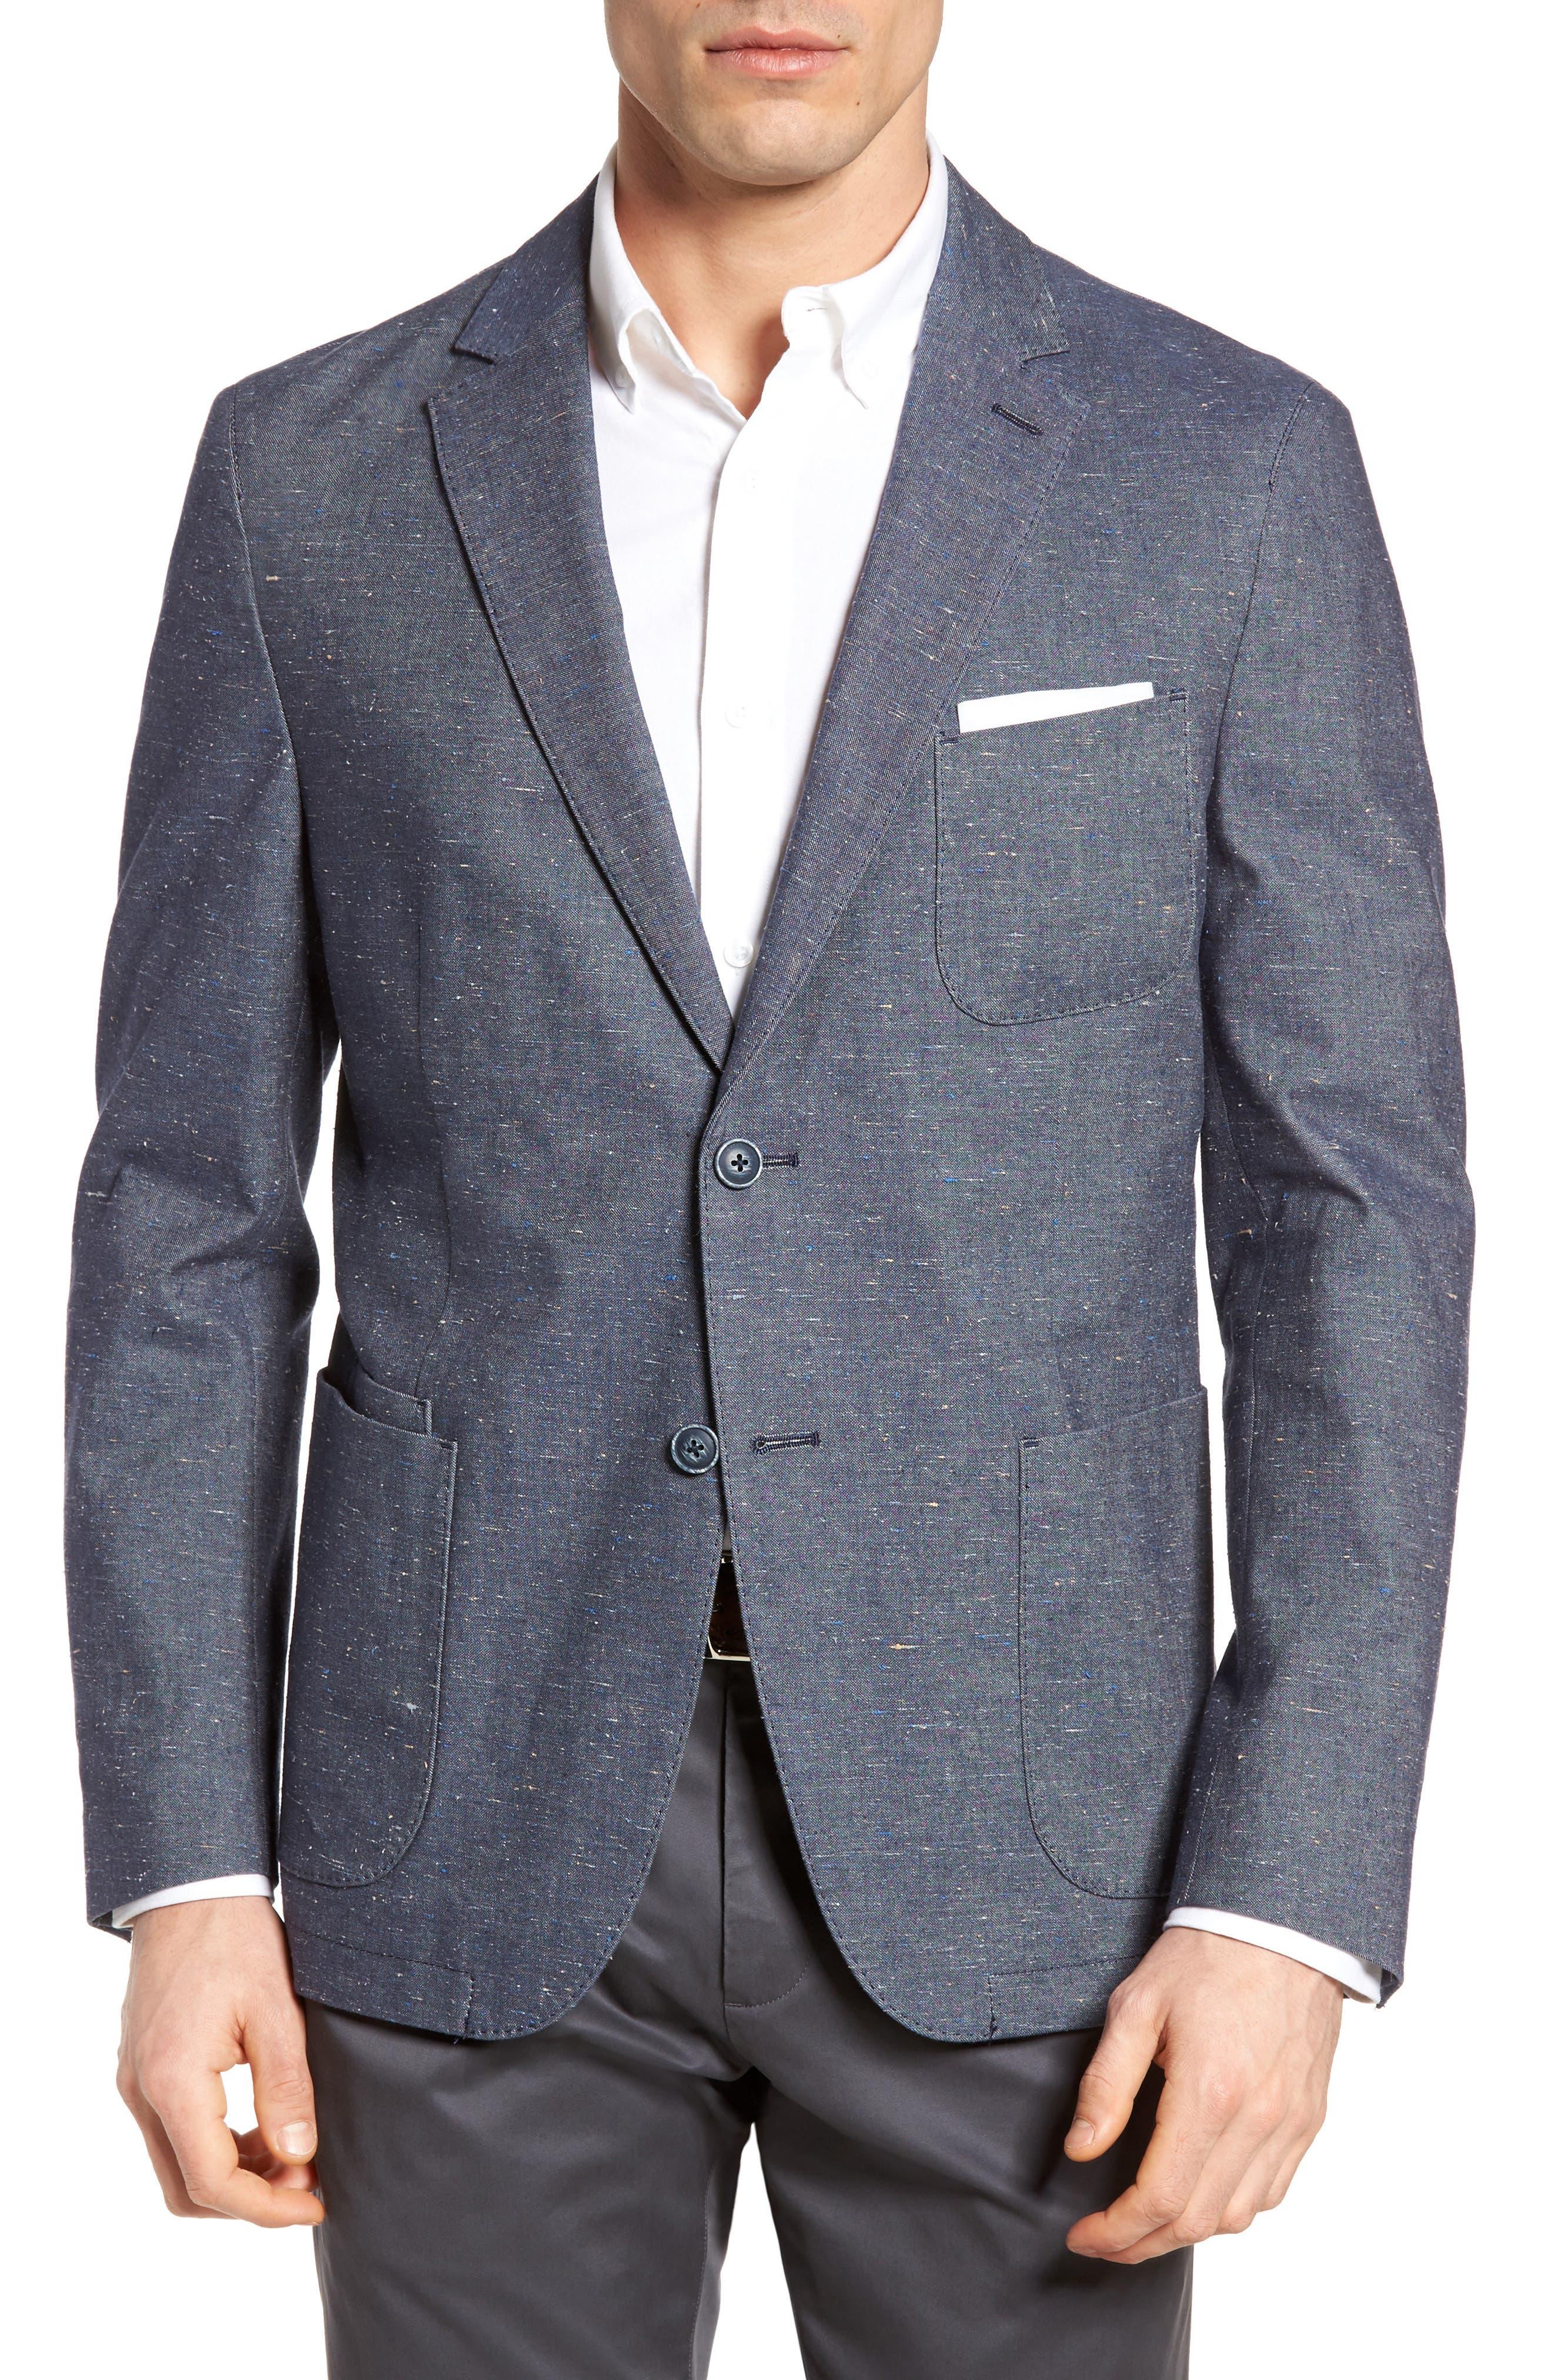 Draper Herringbone Sport Coat,                         Main,                         color, 420